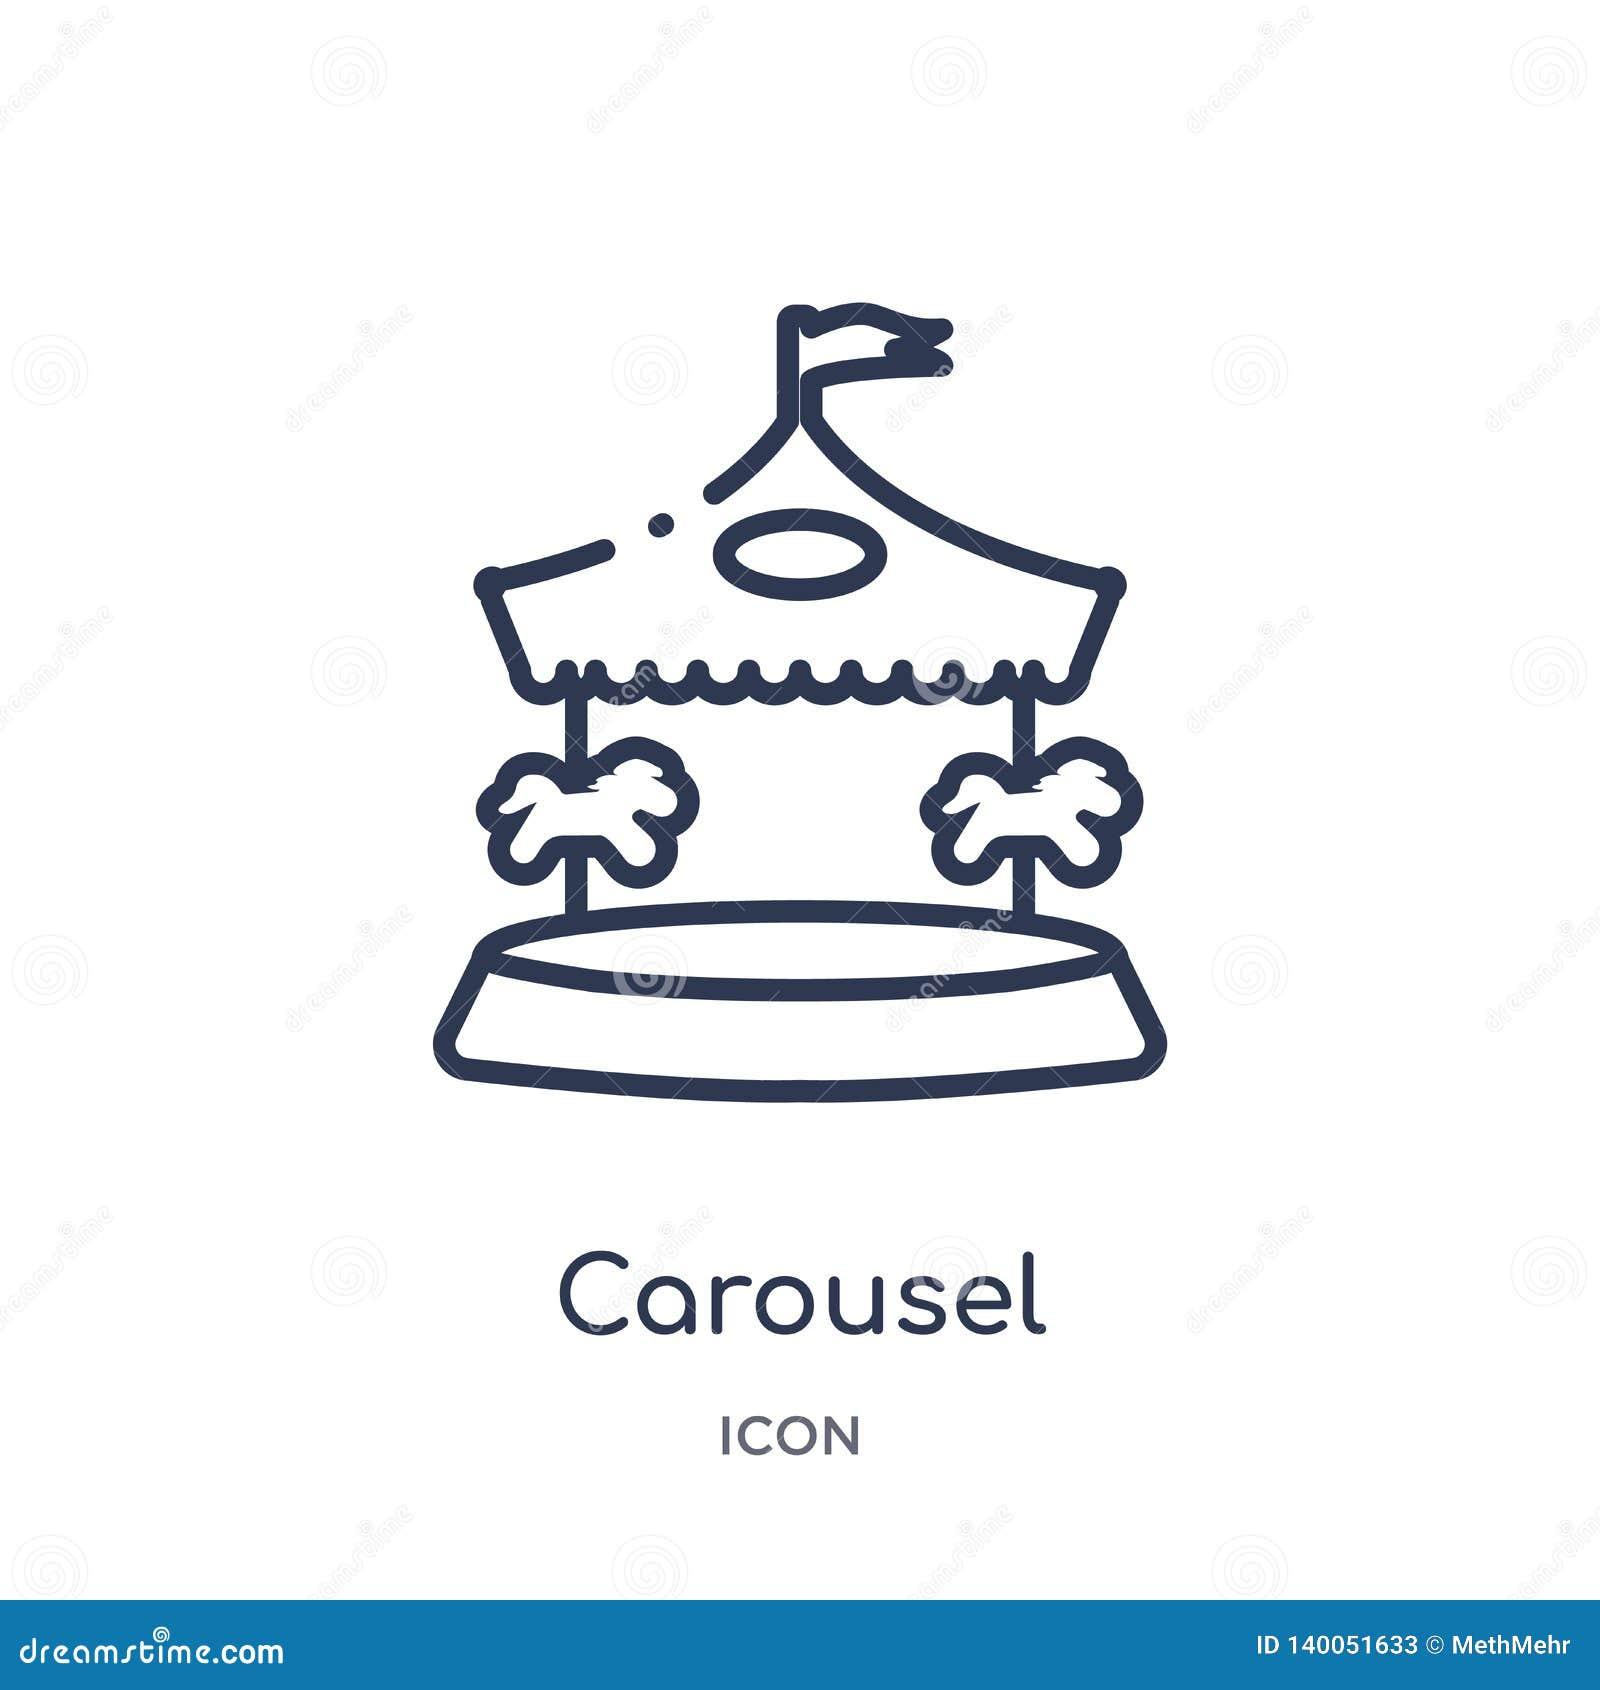 Icono linear del carrusel de la colección del esquema del circo Línea fina vector del carrusel aislado en el fondo blanco carruse